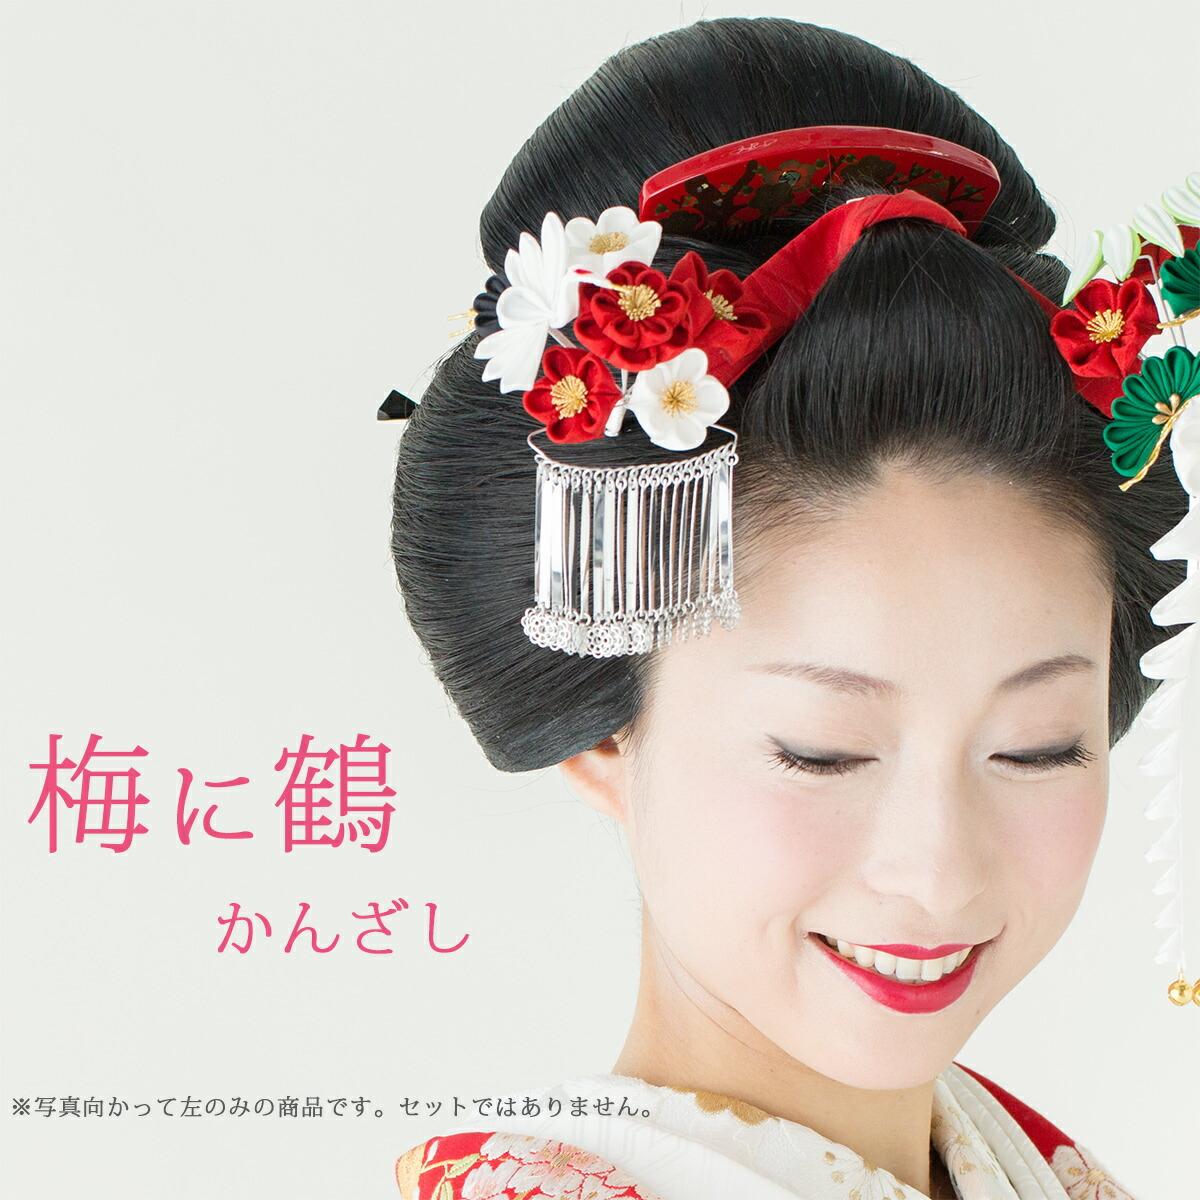 梅に鶴かんざし 花嫁 髪飾り かんざし つまみ細工